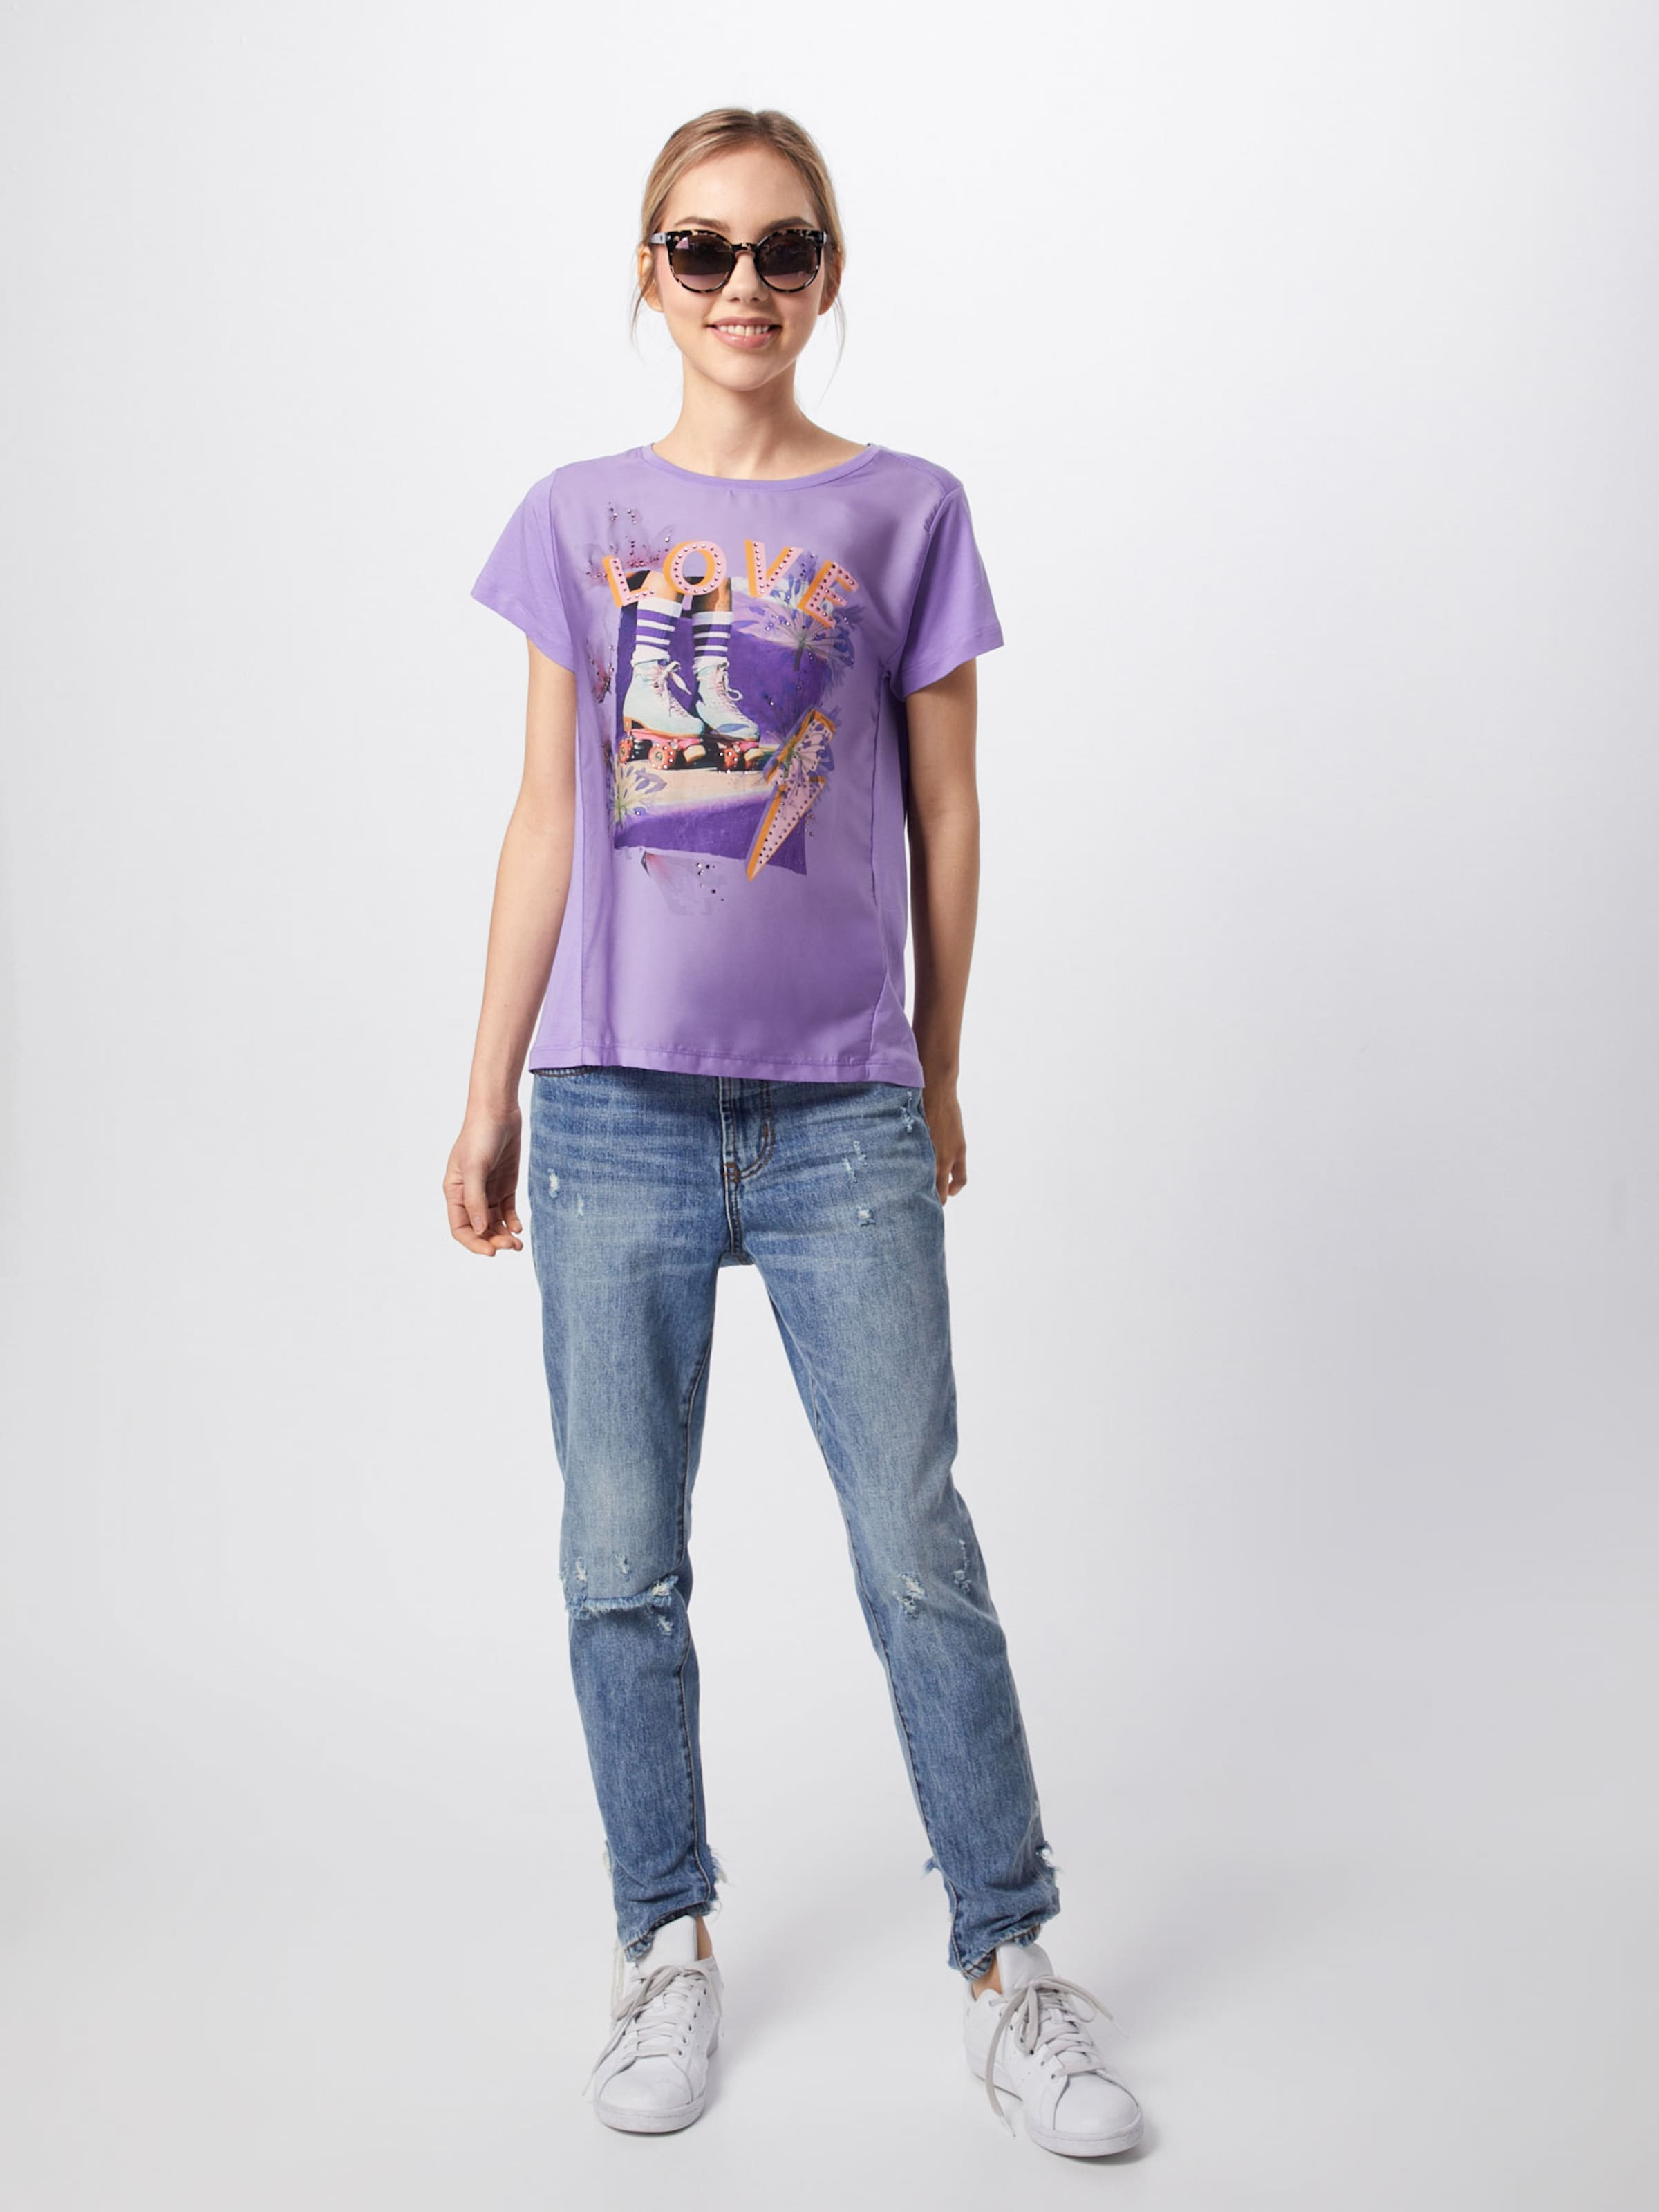 En T 'hey Royal Couleurs shirt De Richamp; Girl' VioletMélange QChrdts